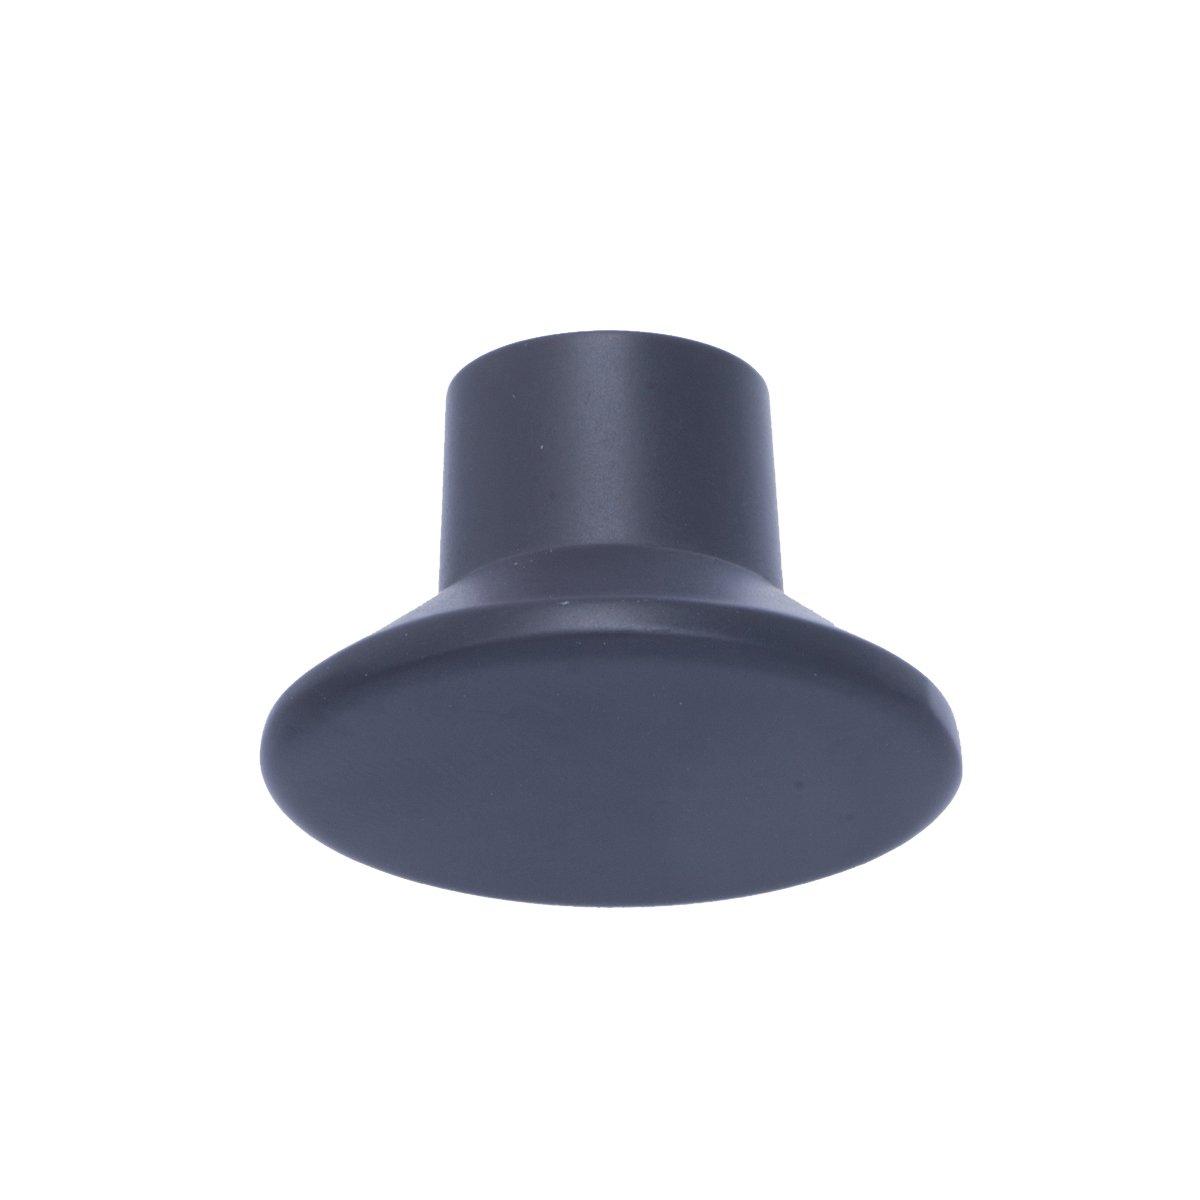 confezione da 10 Cromo lucido Pomolo tondo piatto per mobili Diametro: 3,66 cm Basics